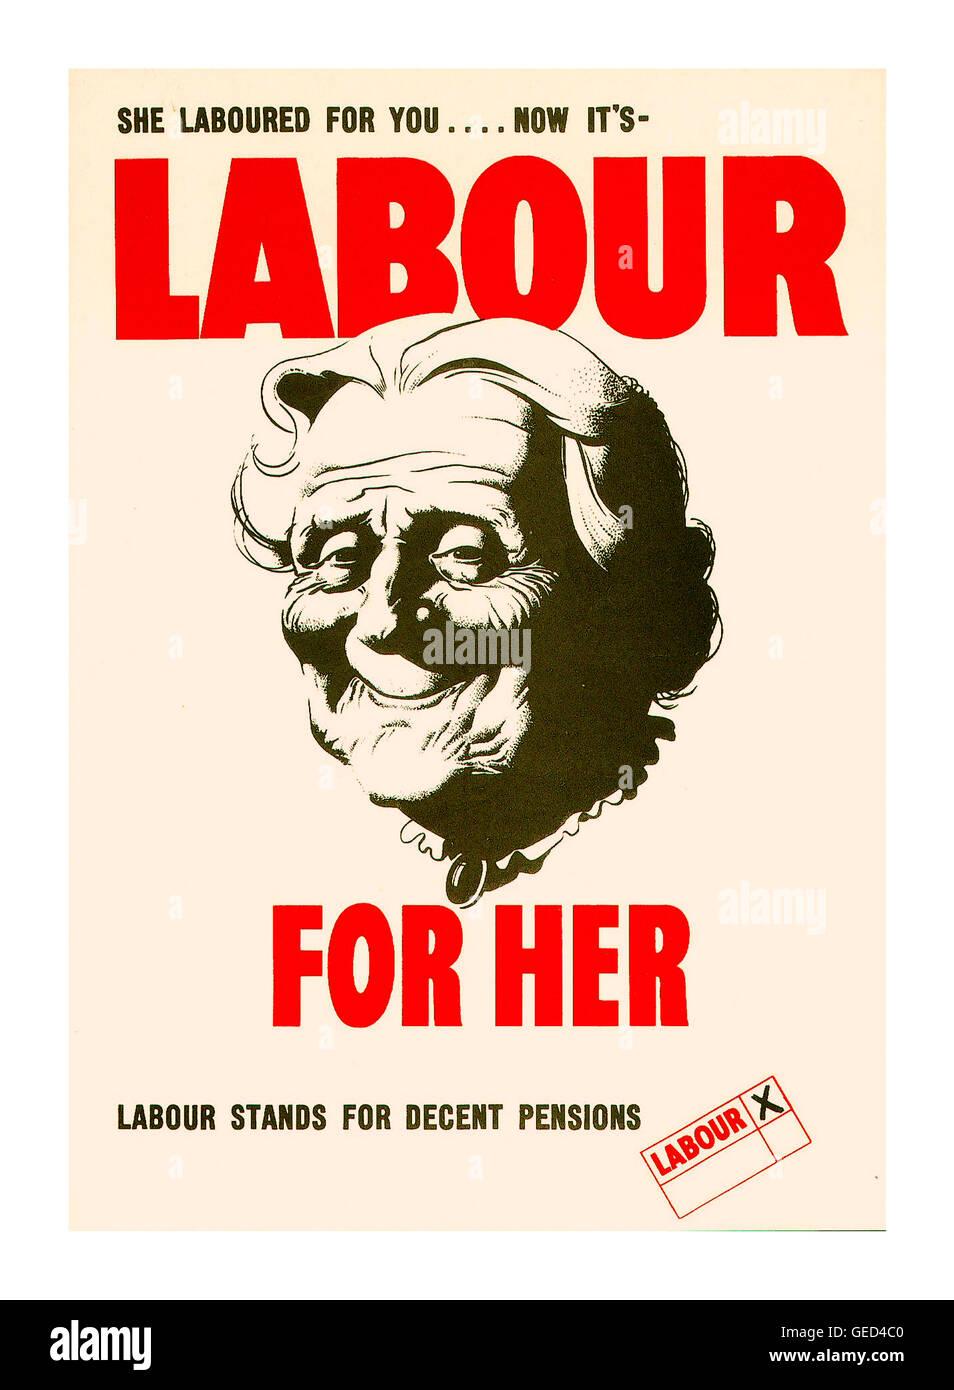 General Election Poster Ausgeschnittene Stockfotos und  bilder   Alamy